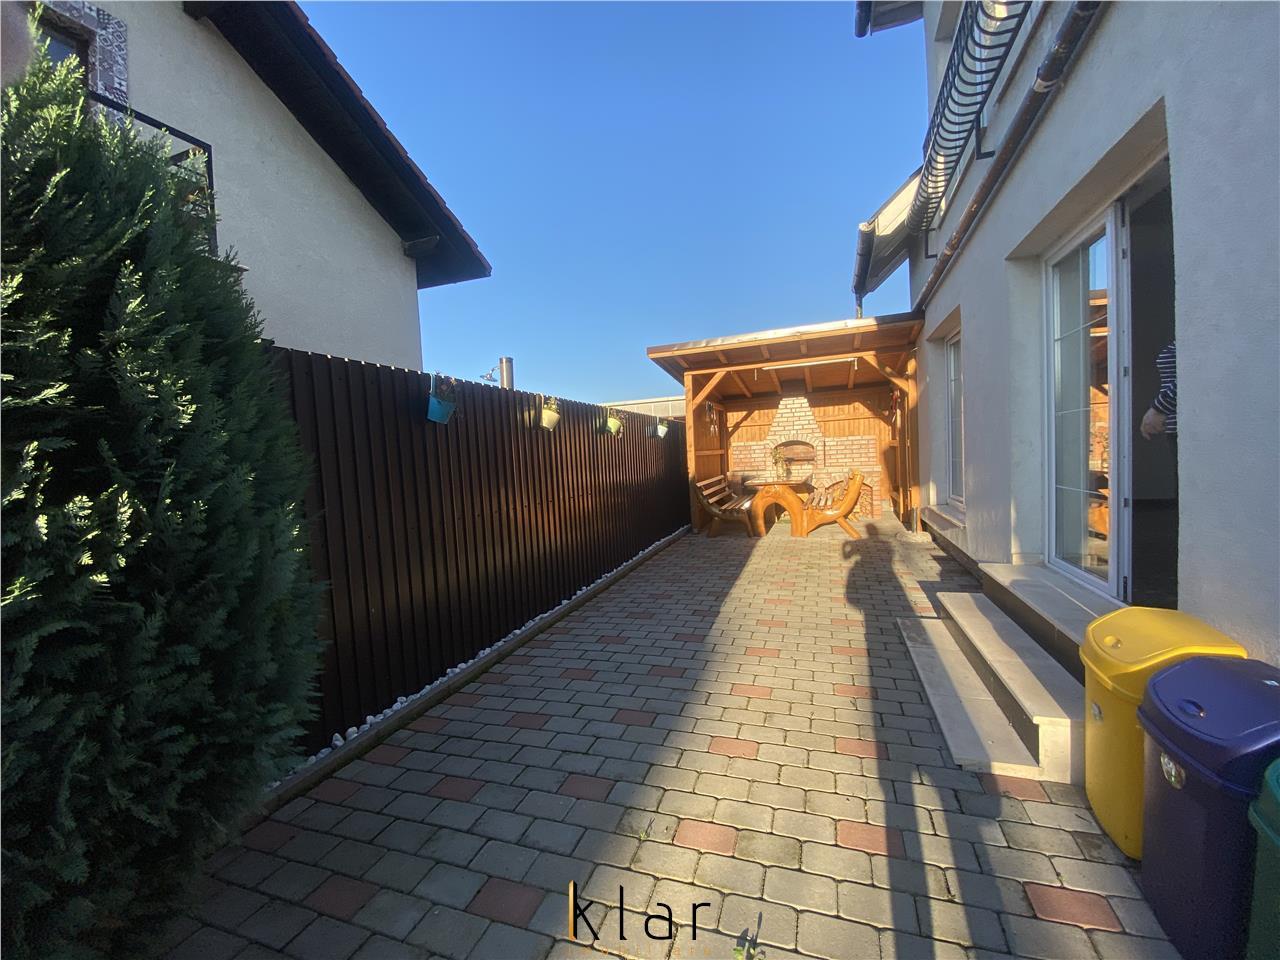 Inchiriere casa la intrare in Gilau